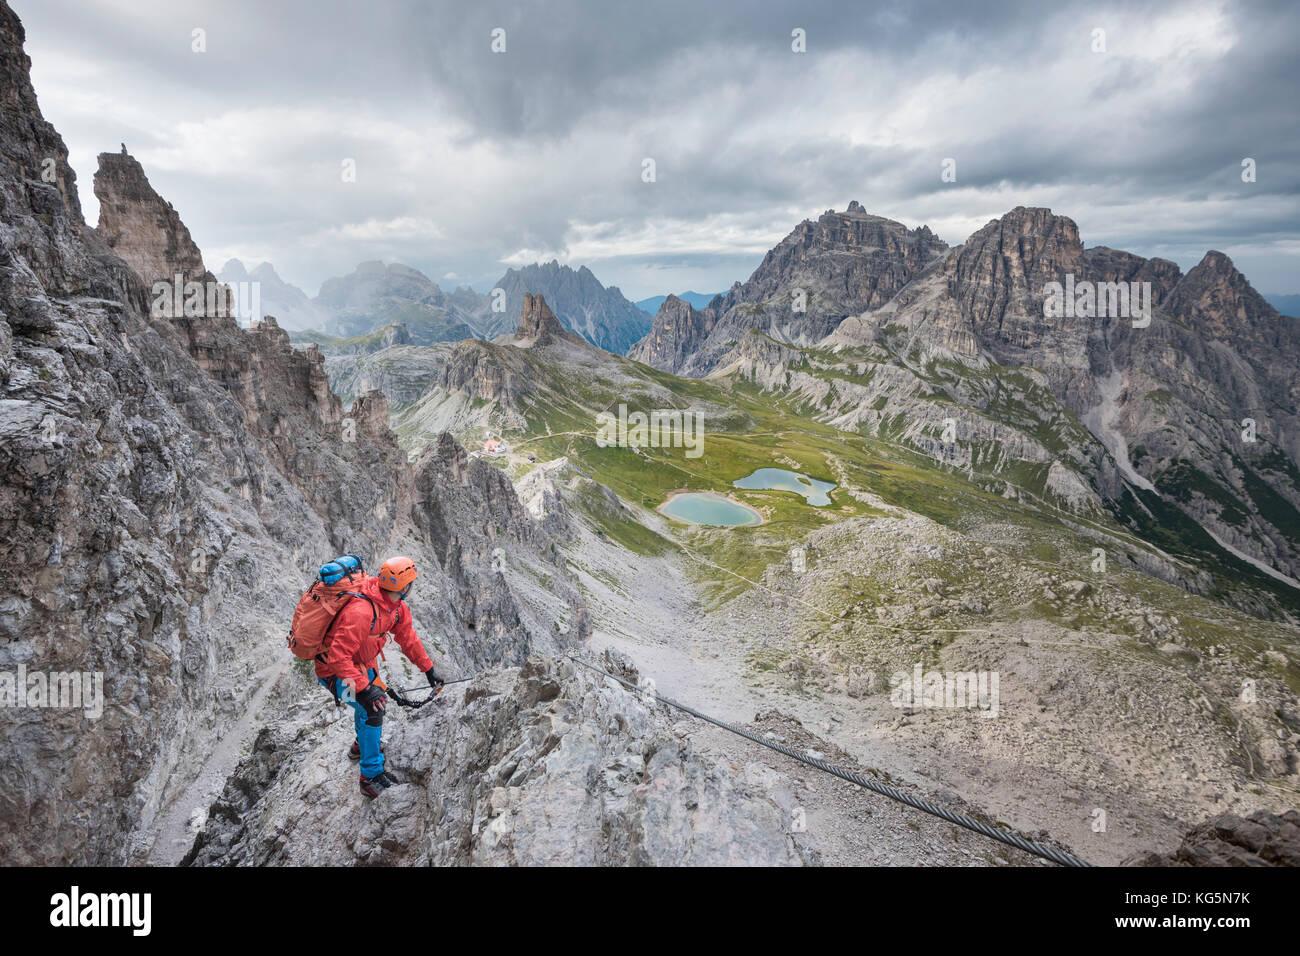 Klettersteig De : Klettersteig aktuelle themen nachrichten süddeutsche